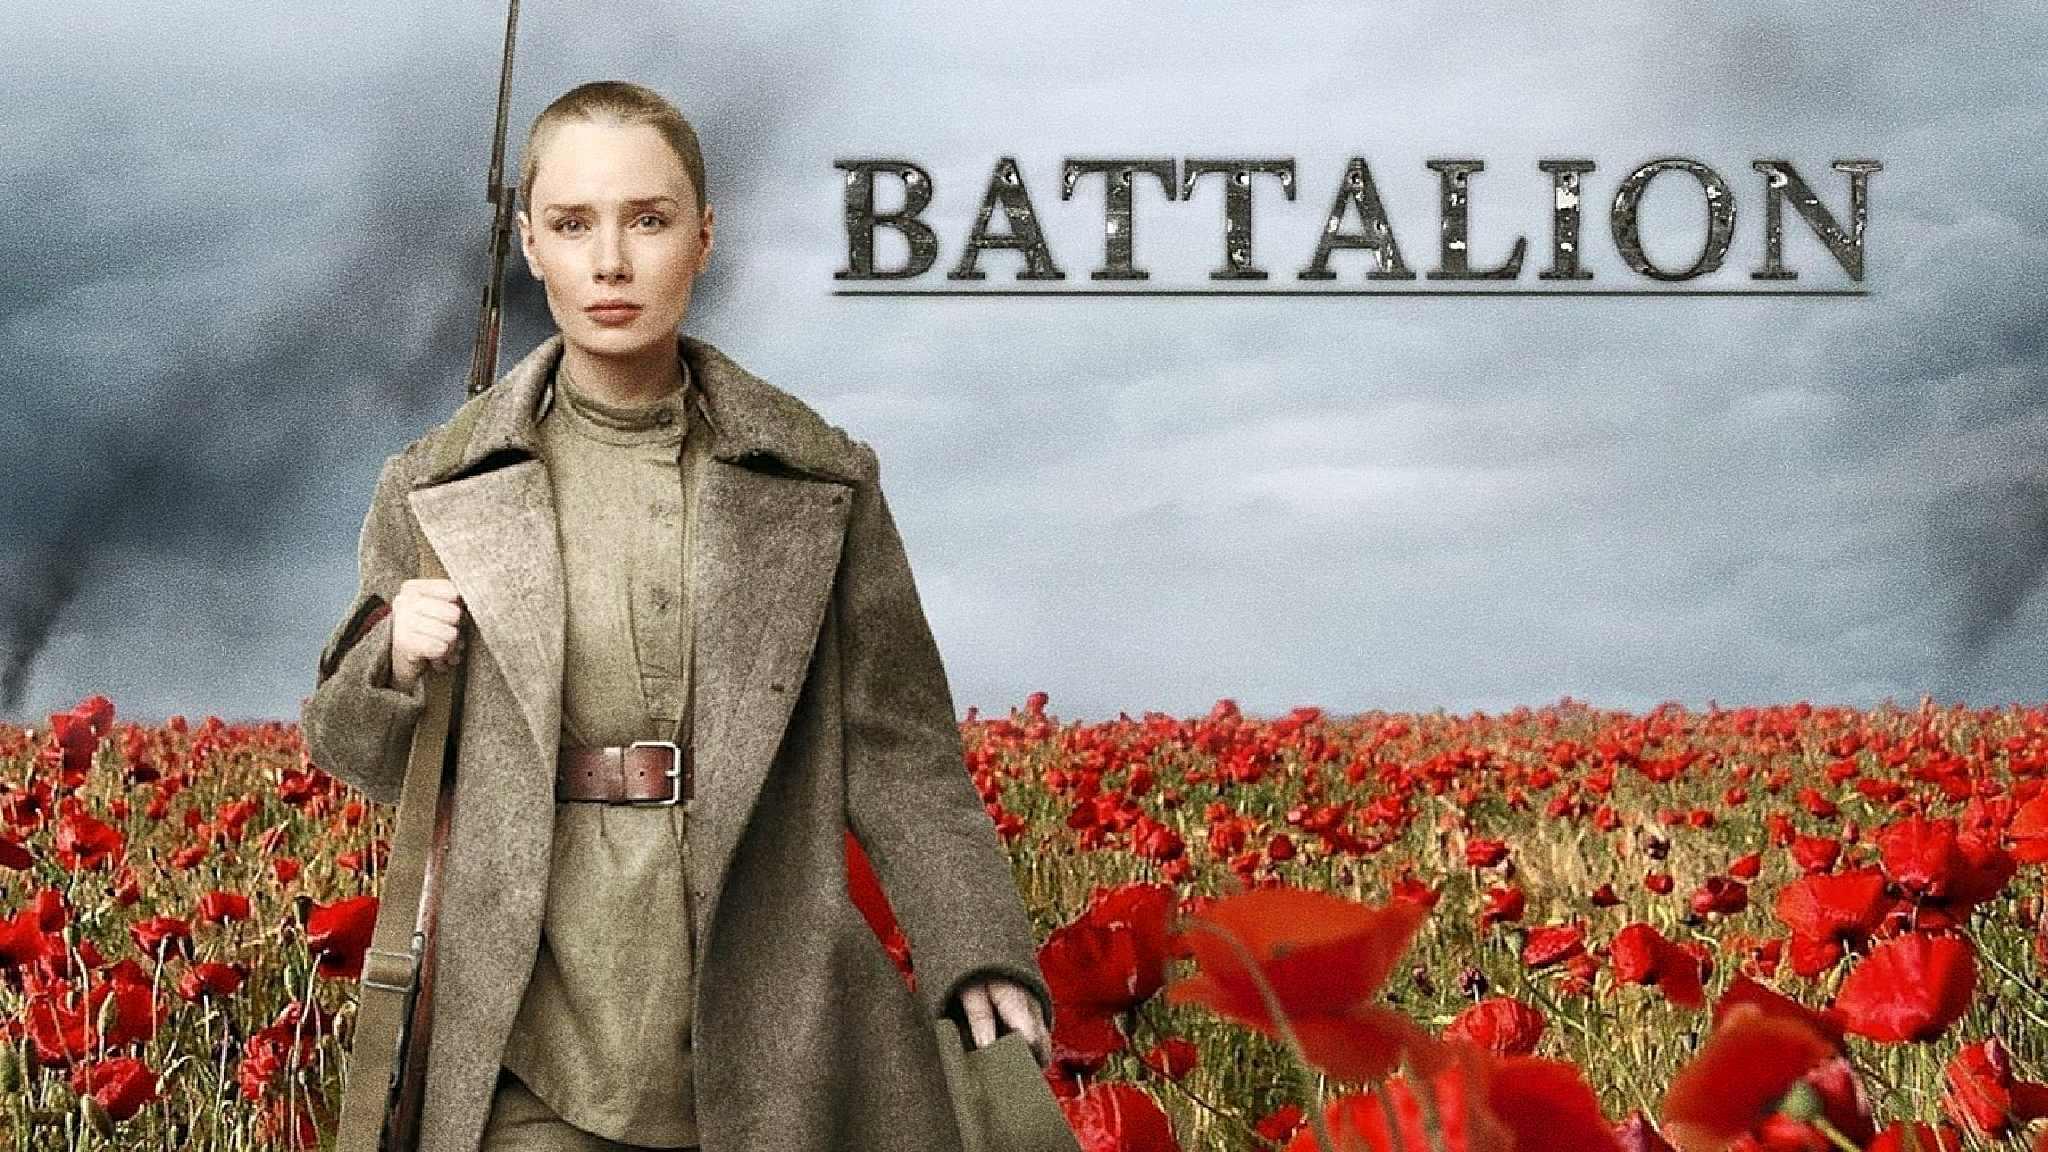 Battalion [2015]